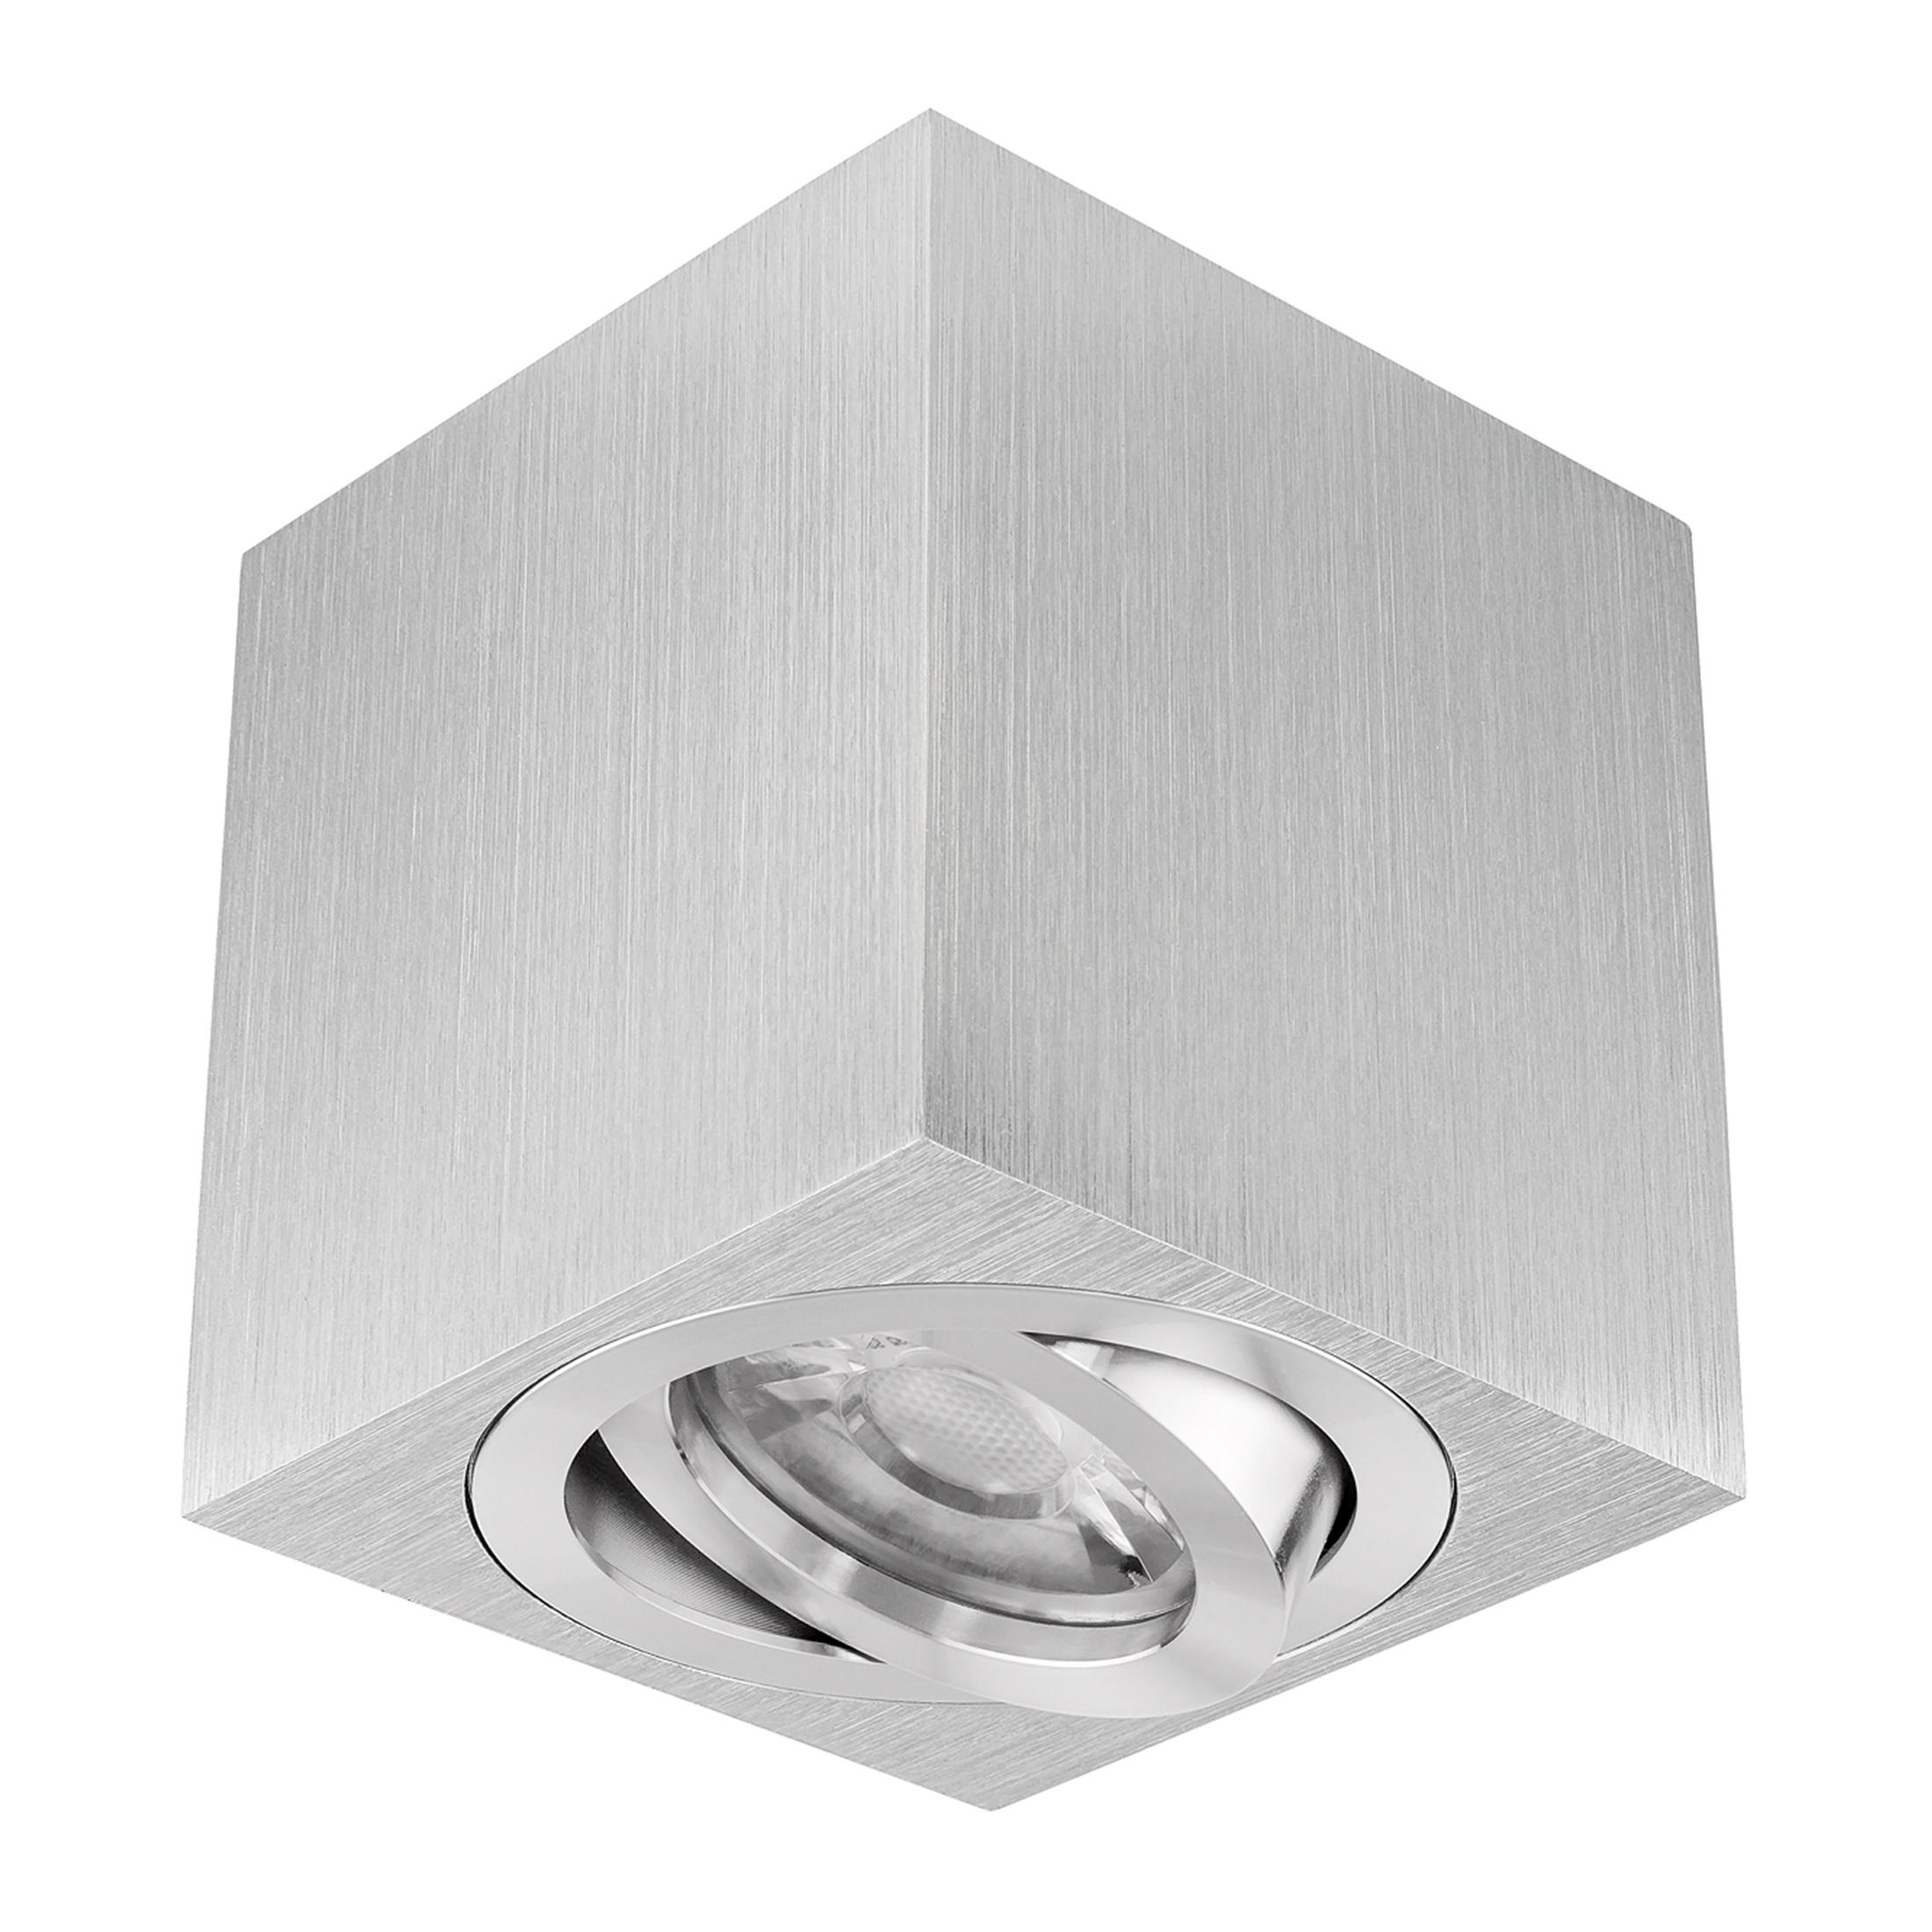 Aufbau Leuchte Strahler Deckenleuchte Eckig Aufbauspot LED GU10 5W Leuchtmittel